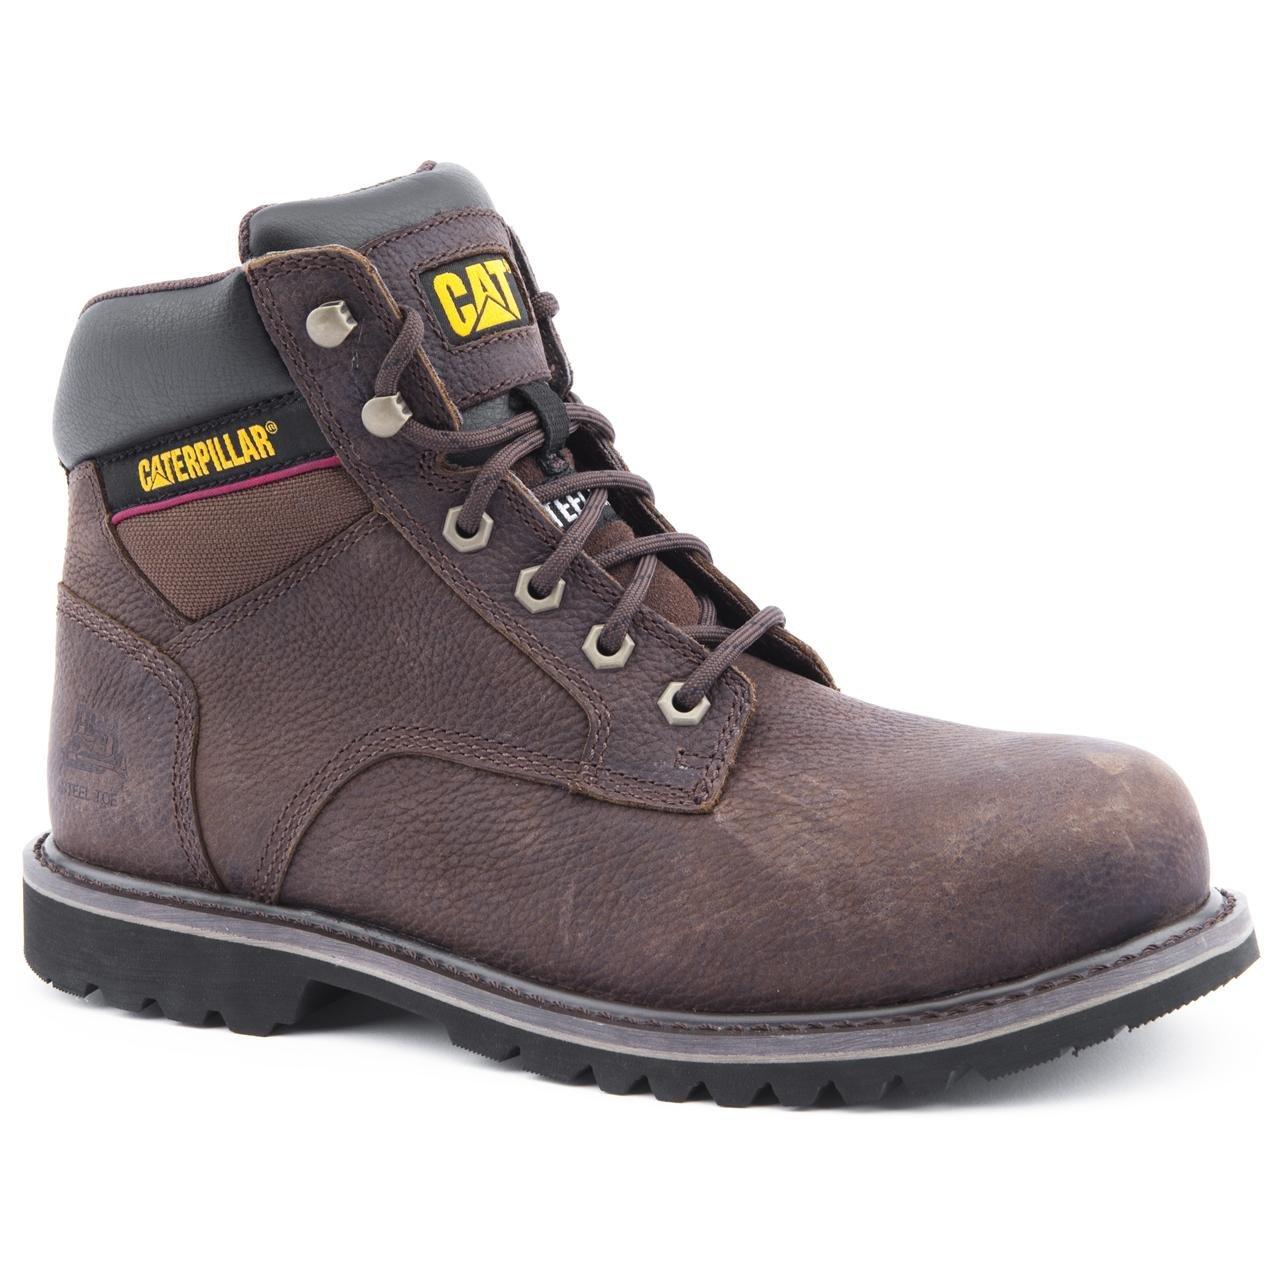 Caterpillar - Botas de Piel para hombre Marrón marrón, color Marrón, talla 40: Amazon.es: Zapatos y complementos